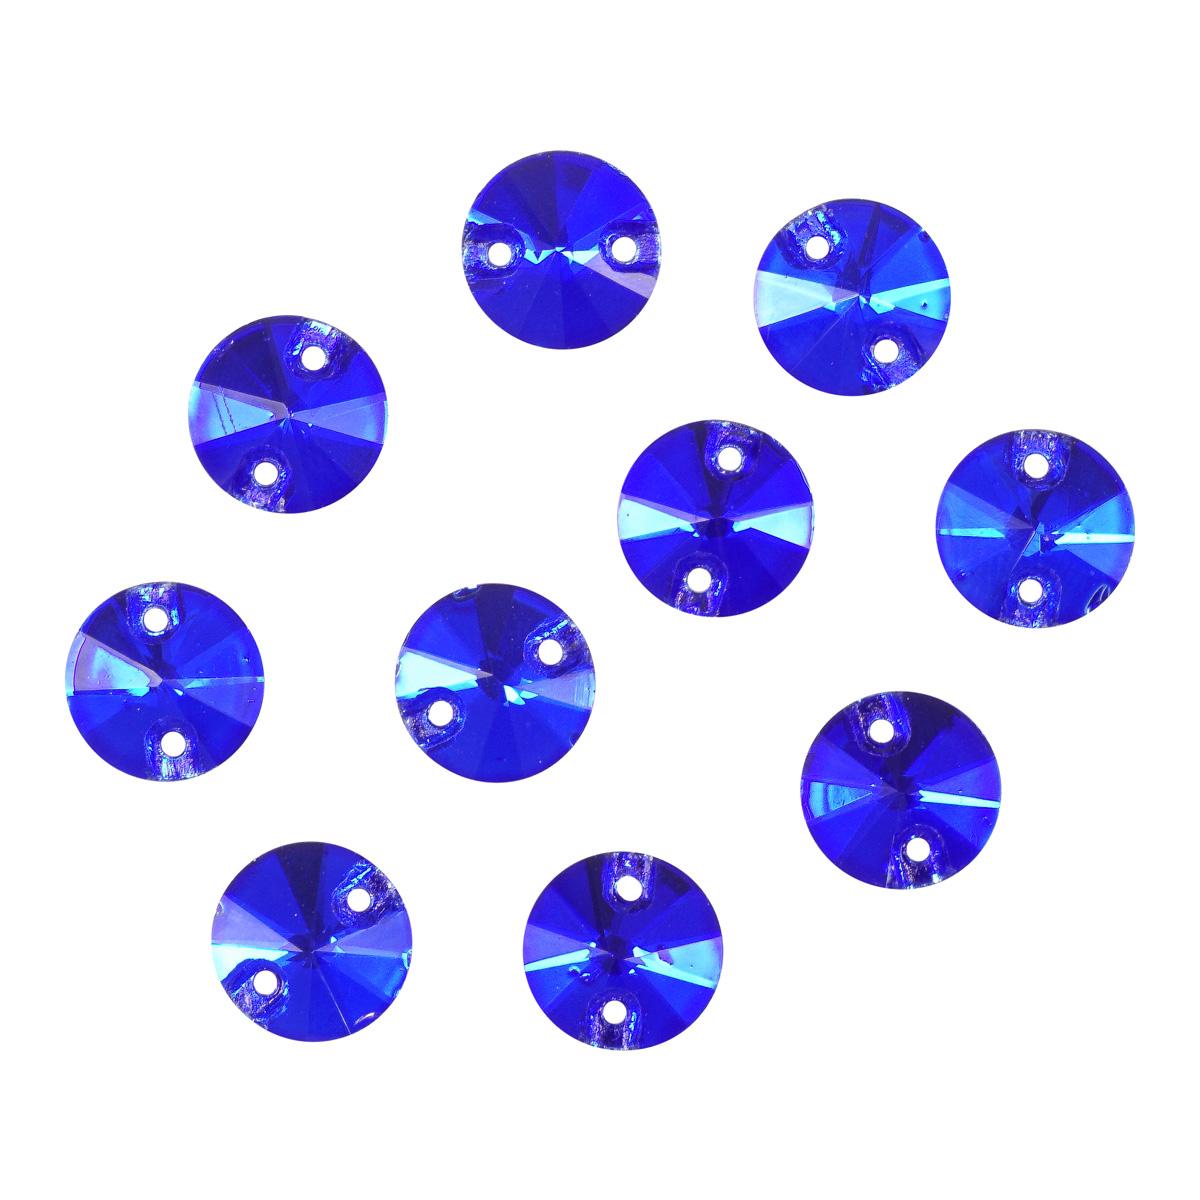 РИ006НН10 Хрустальные стразы пришивные,круглые синий(без покрытия)10мм, 10 шт/упак